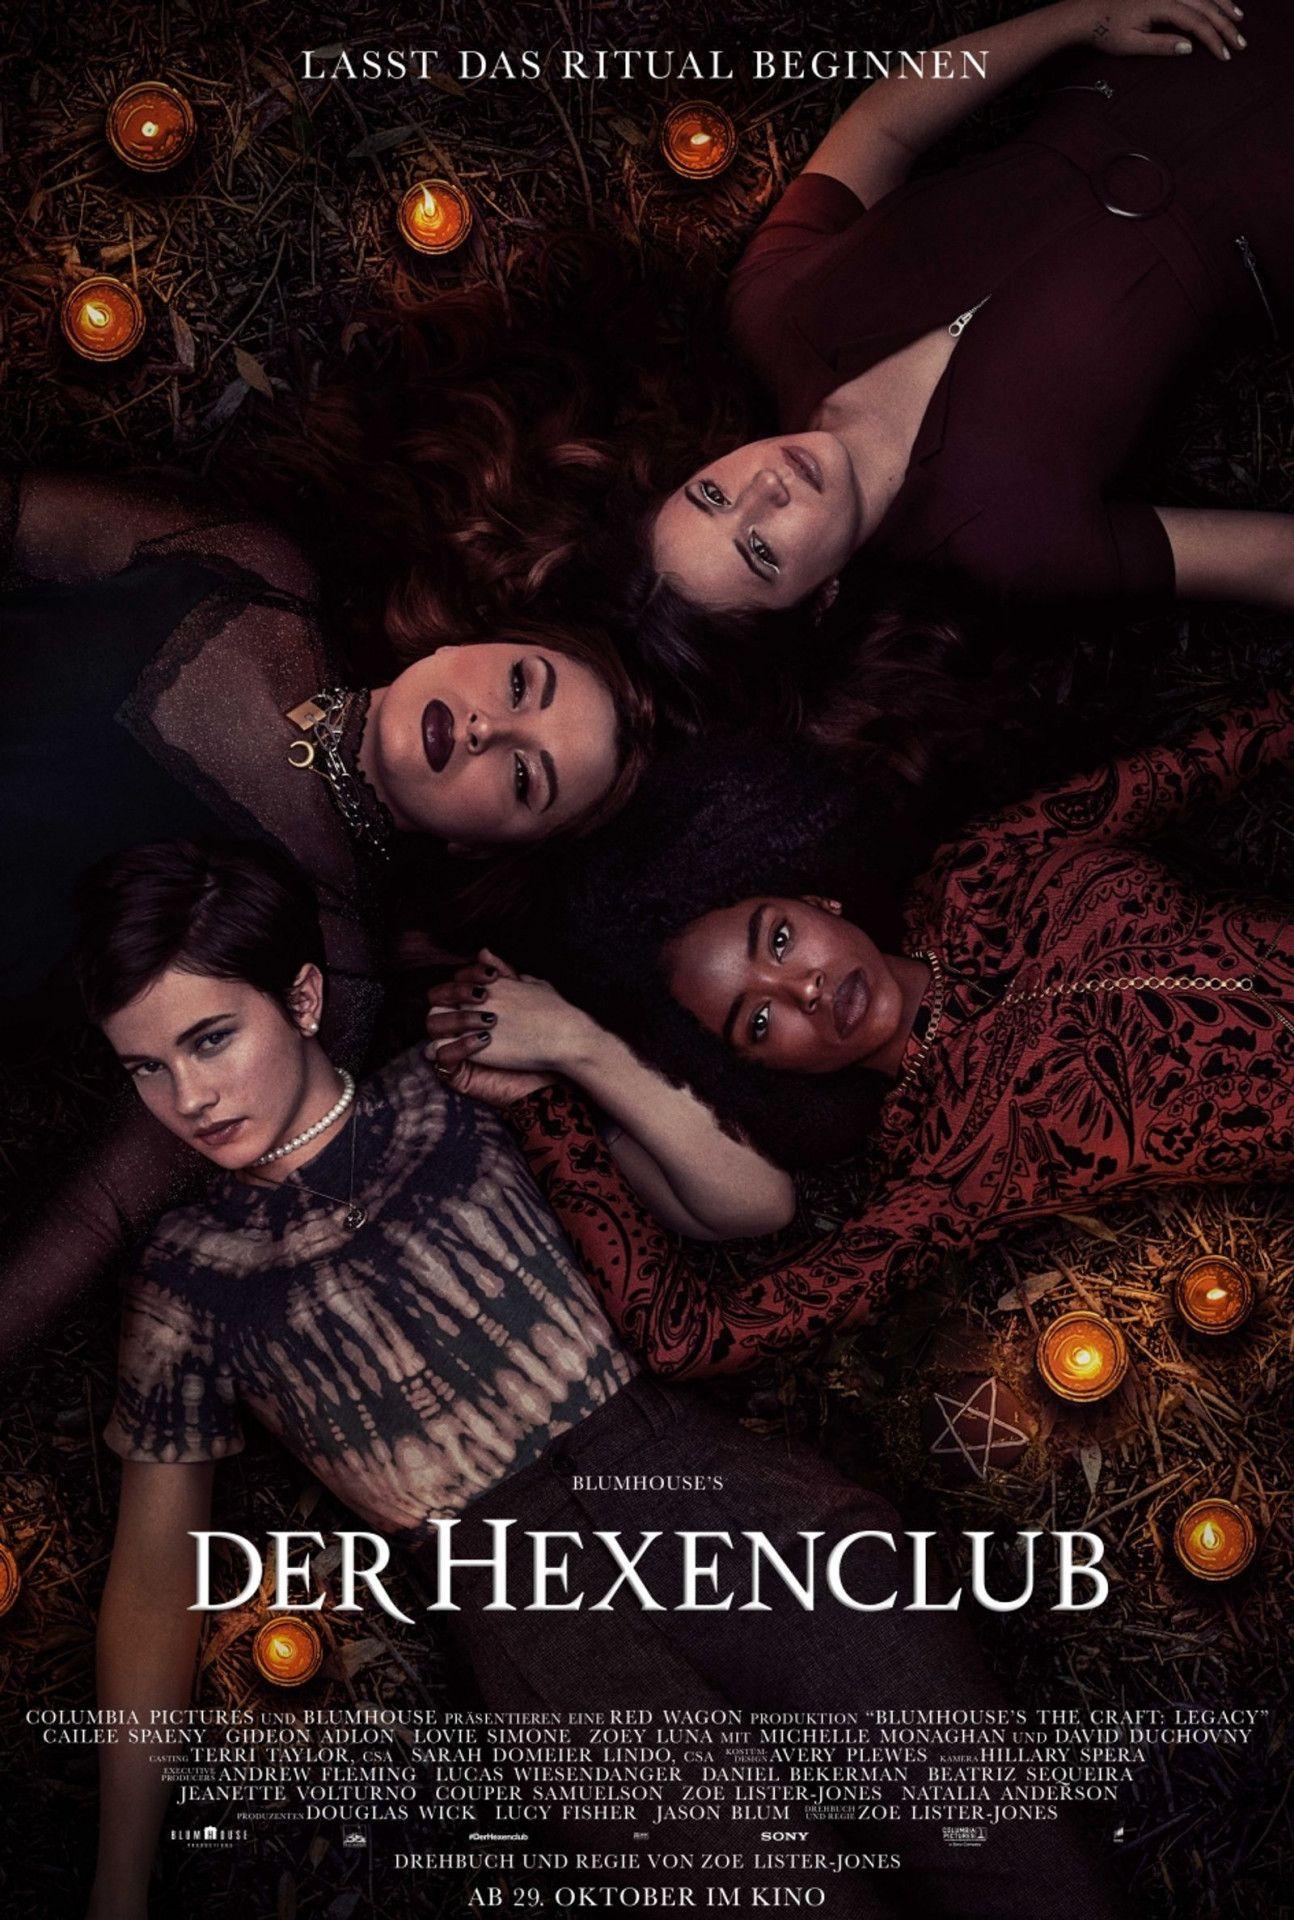 """""""Blumhouse's Der Hexenclub"""" ist die Fortsetzung von """"Der Hexenclub"""" aus dem Jahr 1996."""